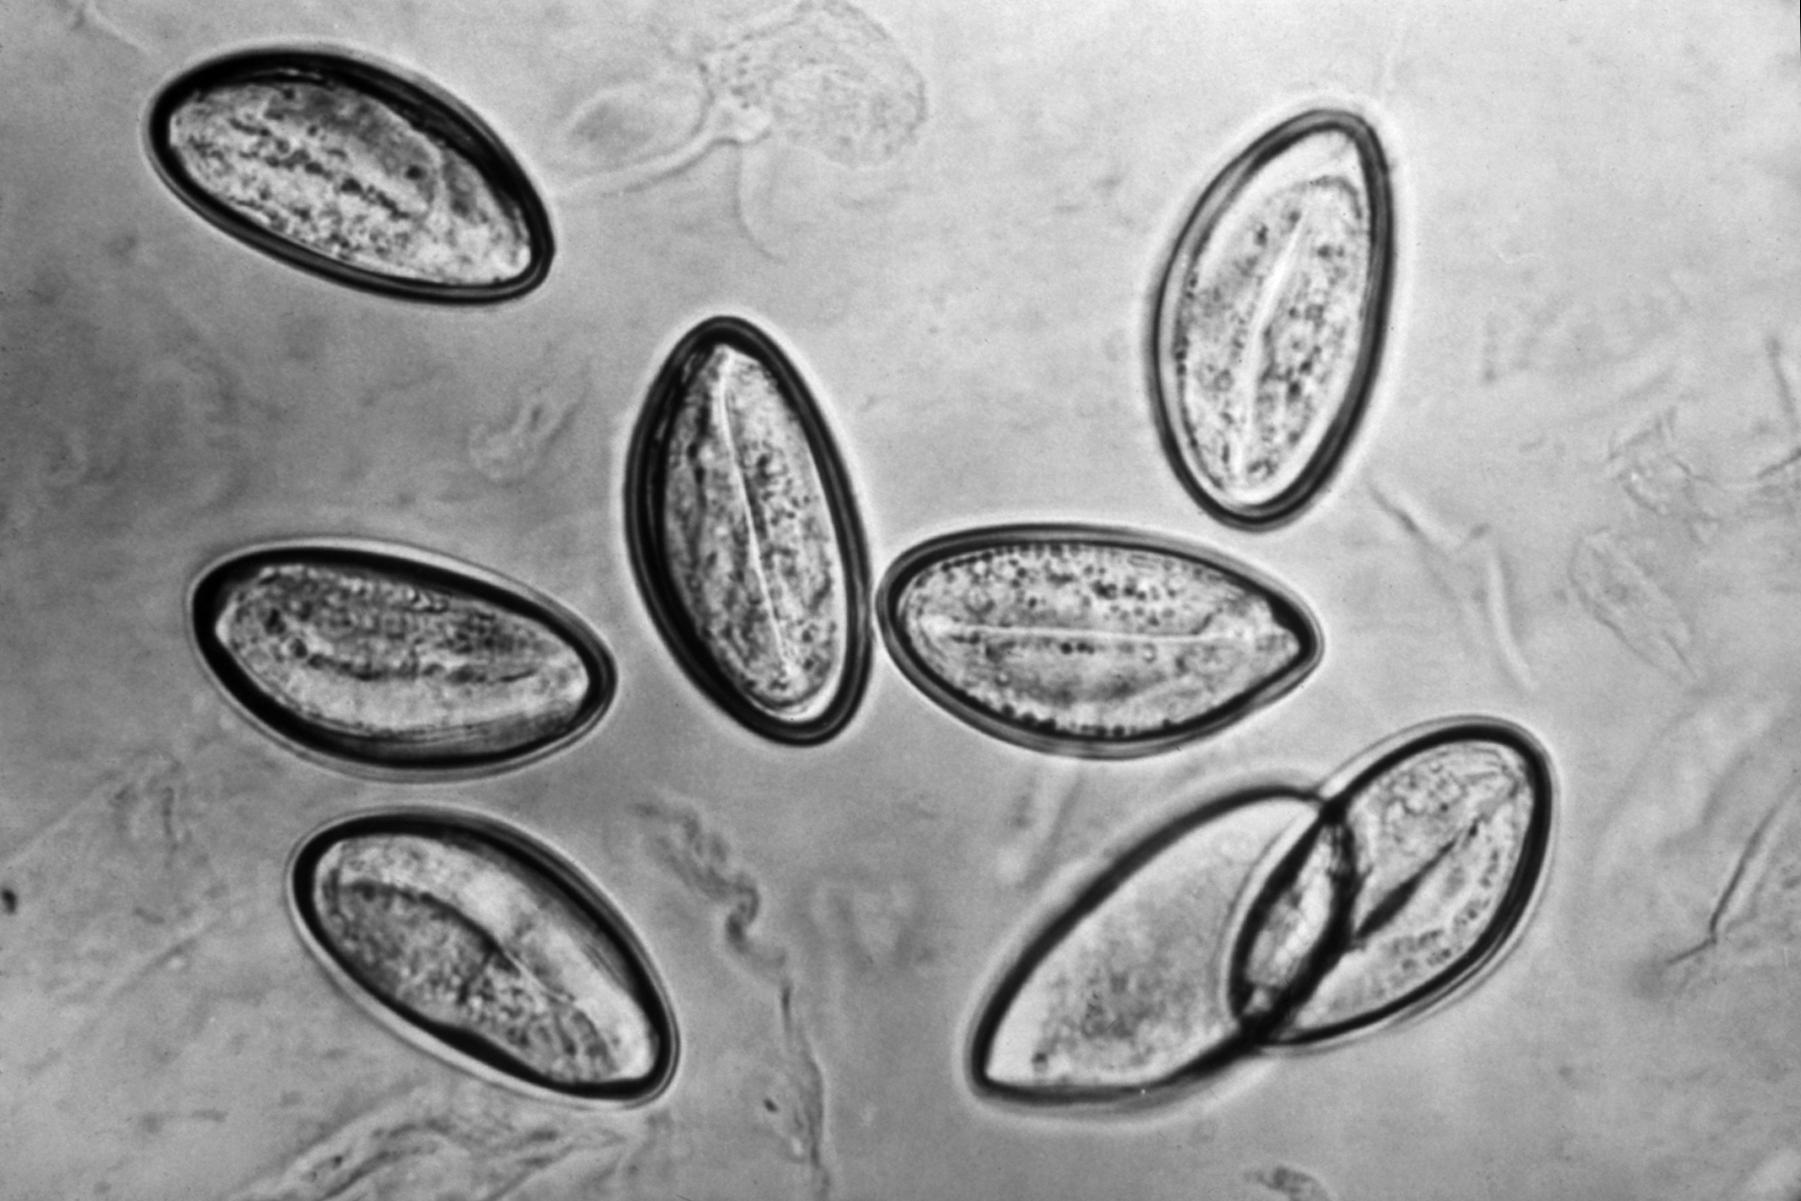 enterobius vermicularis egg